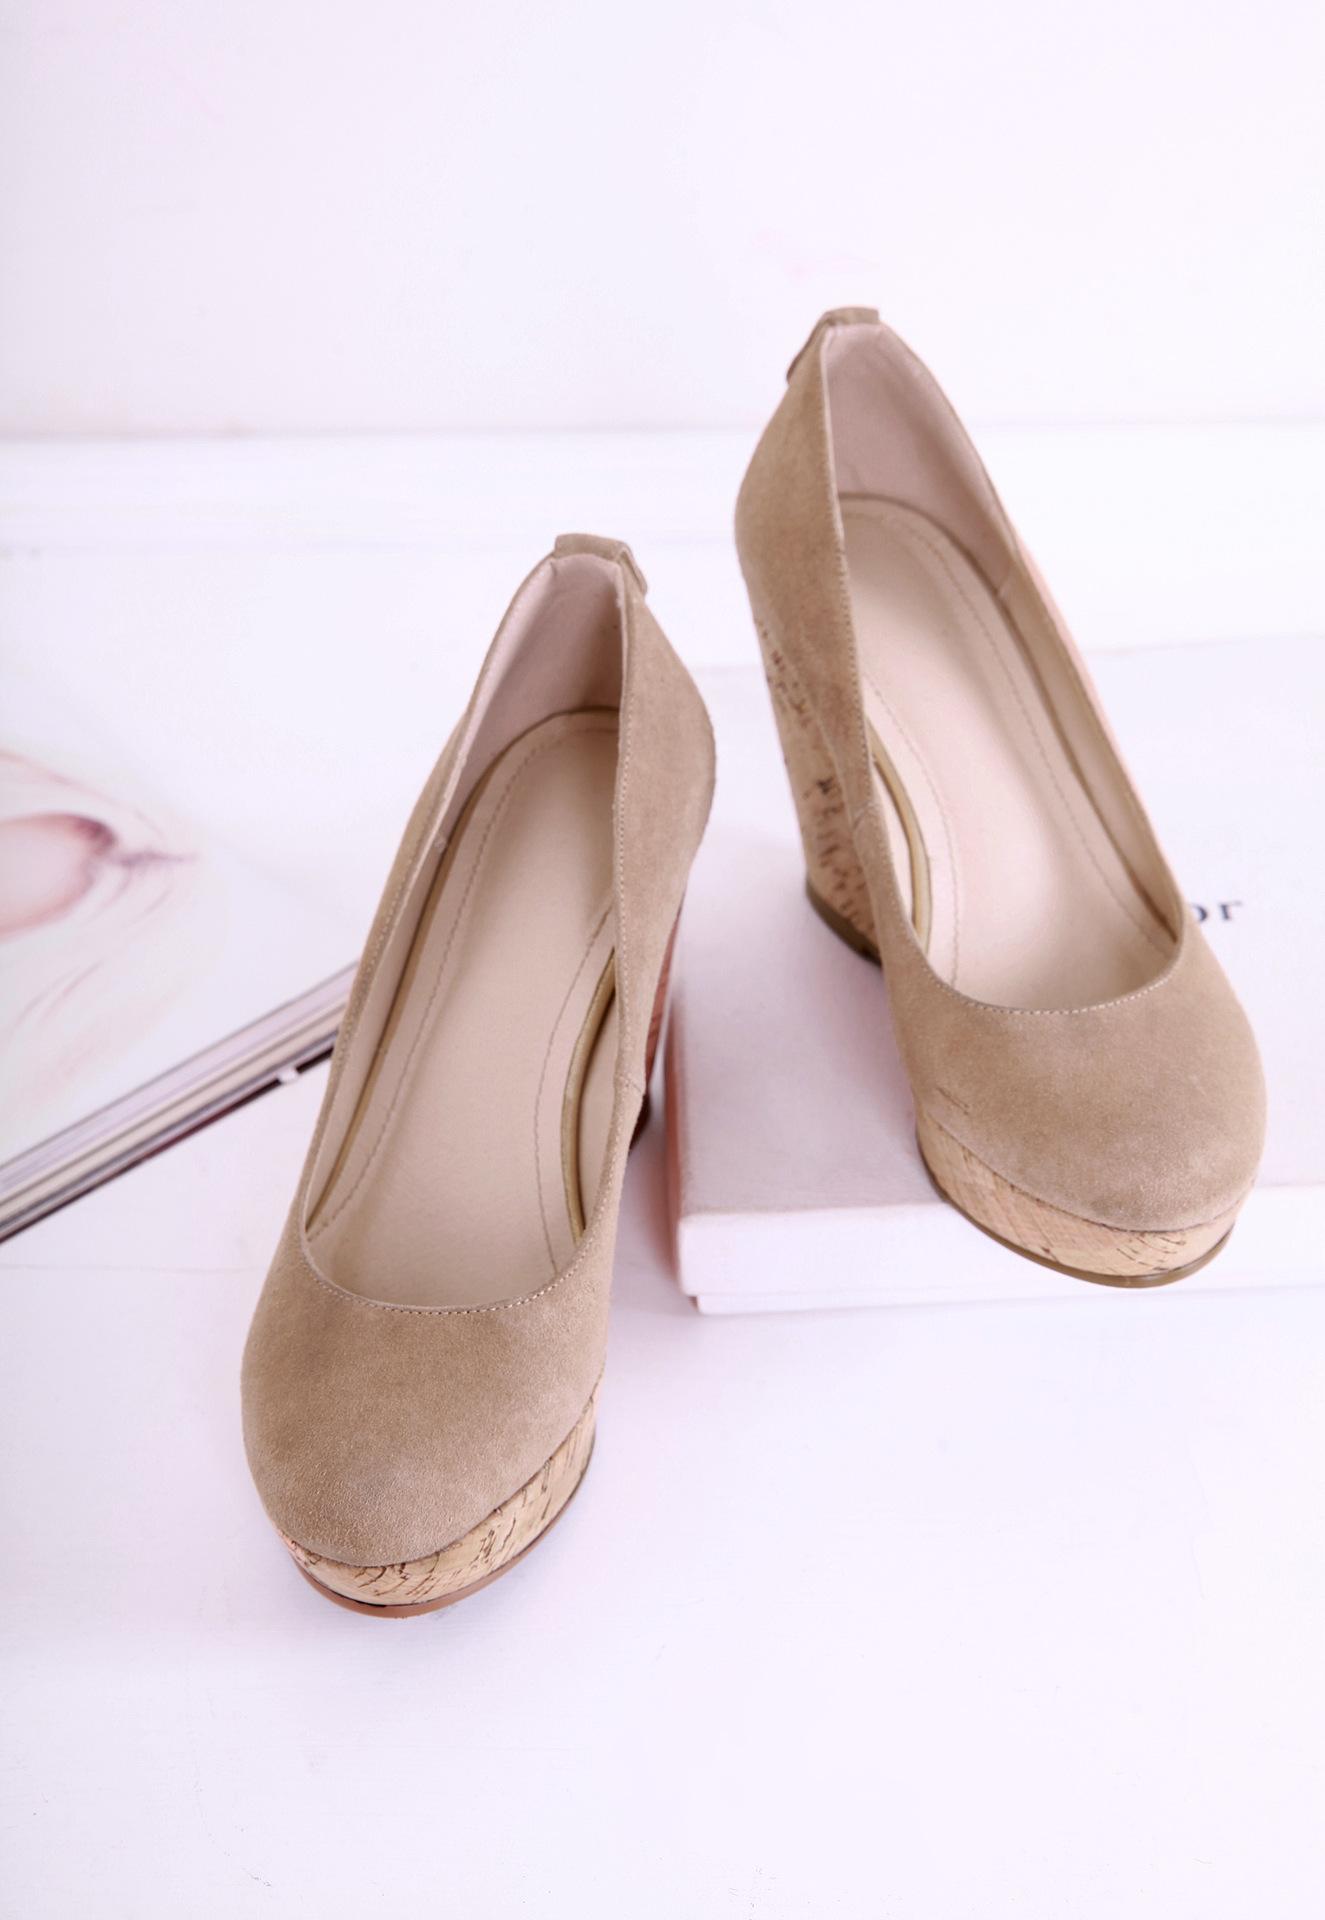 坡跟单鞋欧美